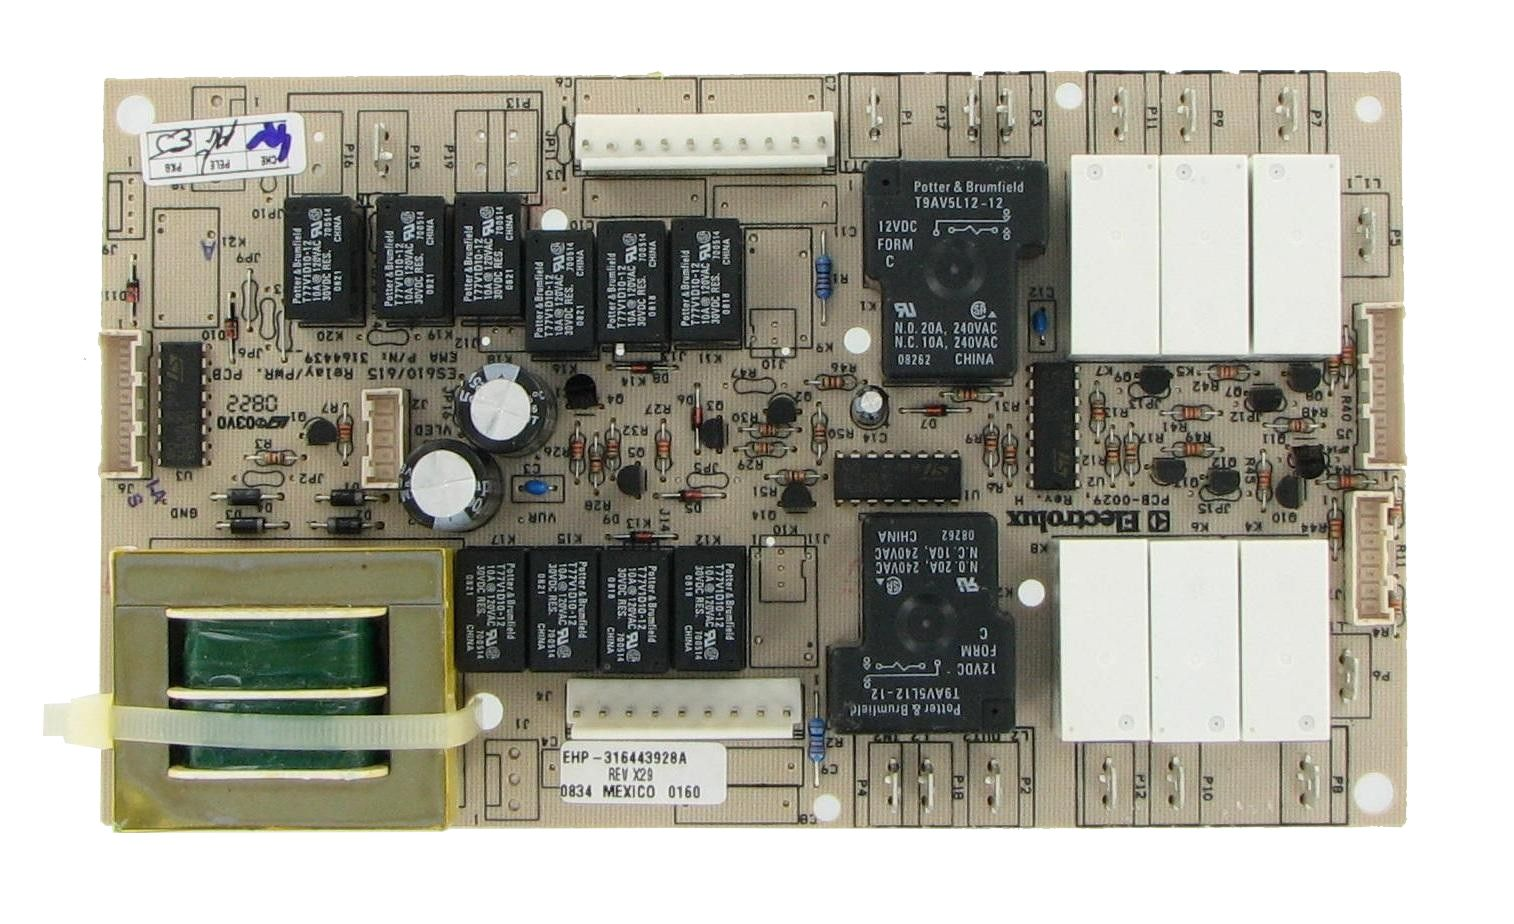 Frigidaire Electrolux Kenmore 316443928 Range Control Board Frigidaire Kenmore Boards